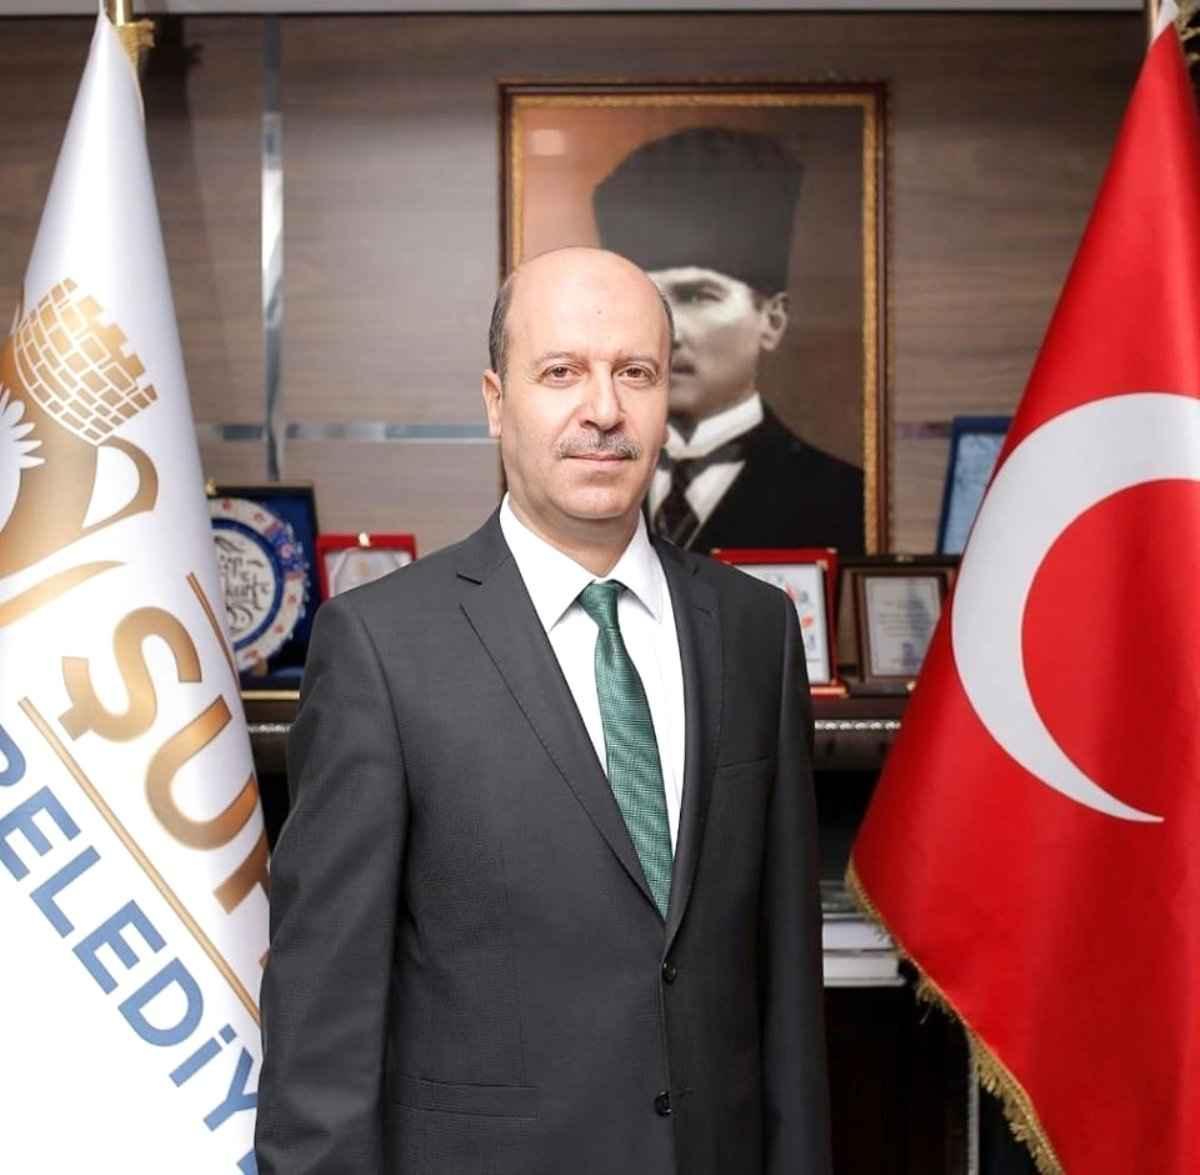 Başkan Bozkurt tan başsağlığı mesajı